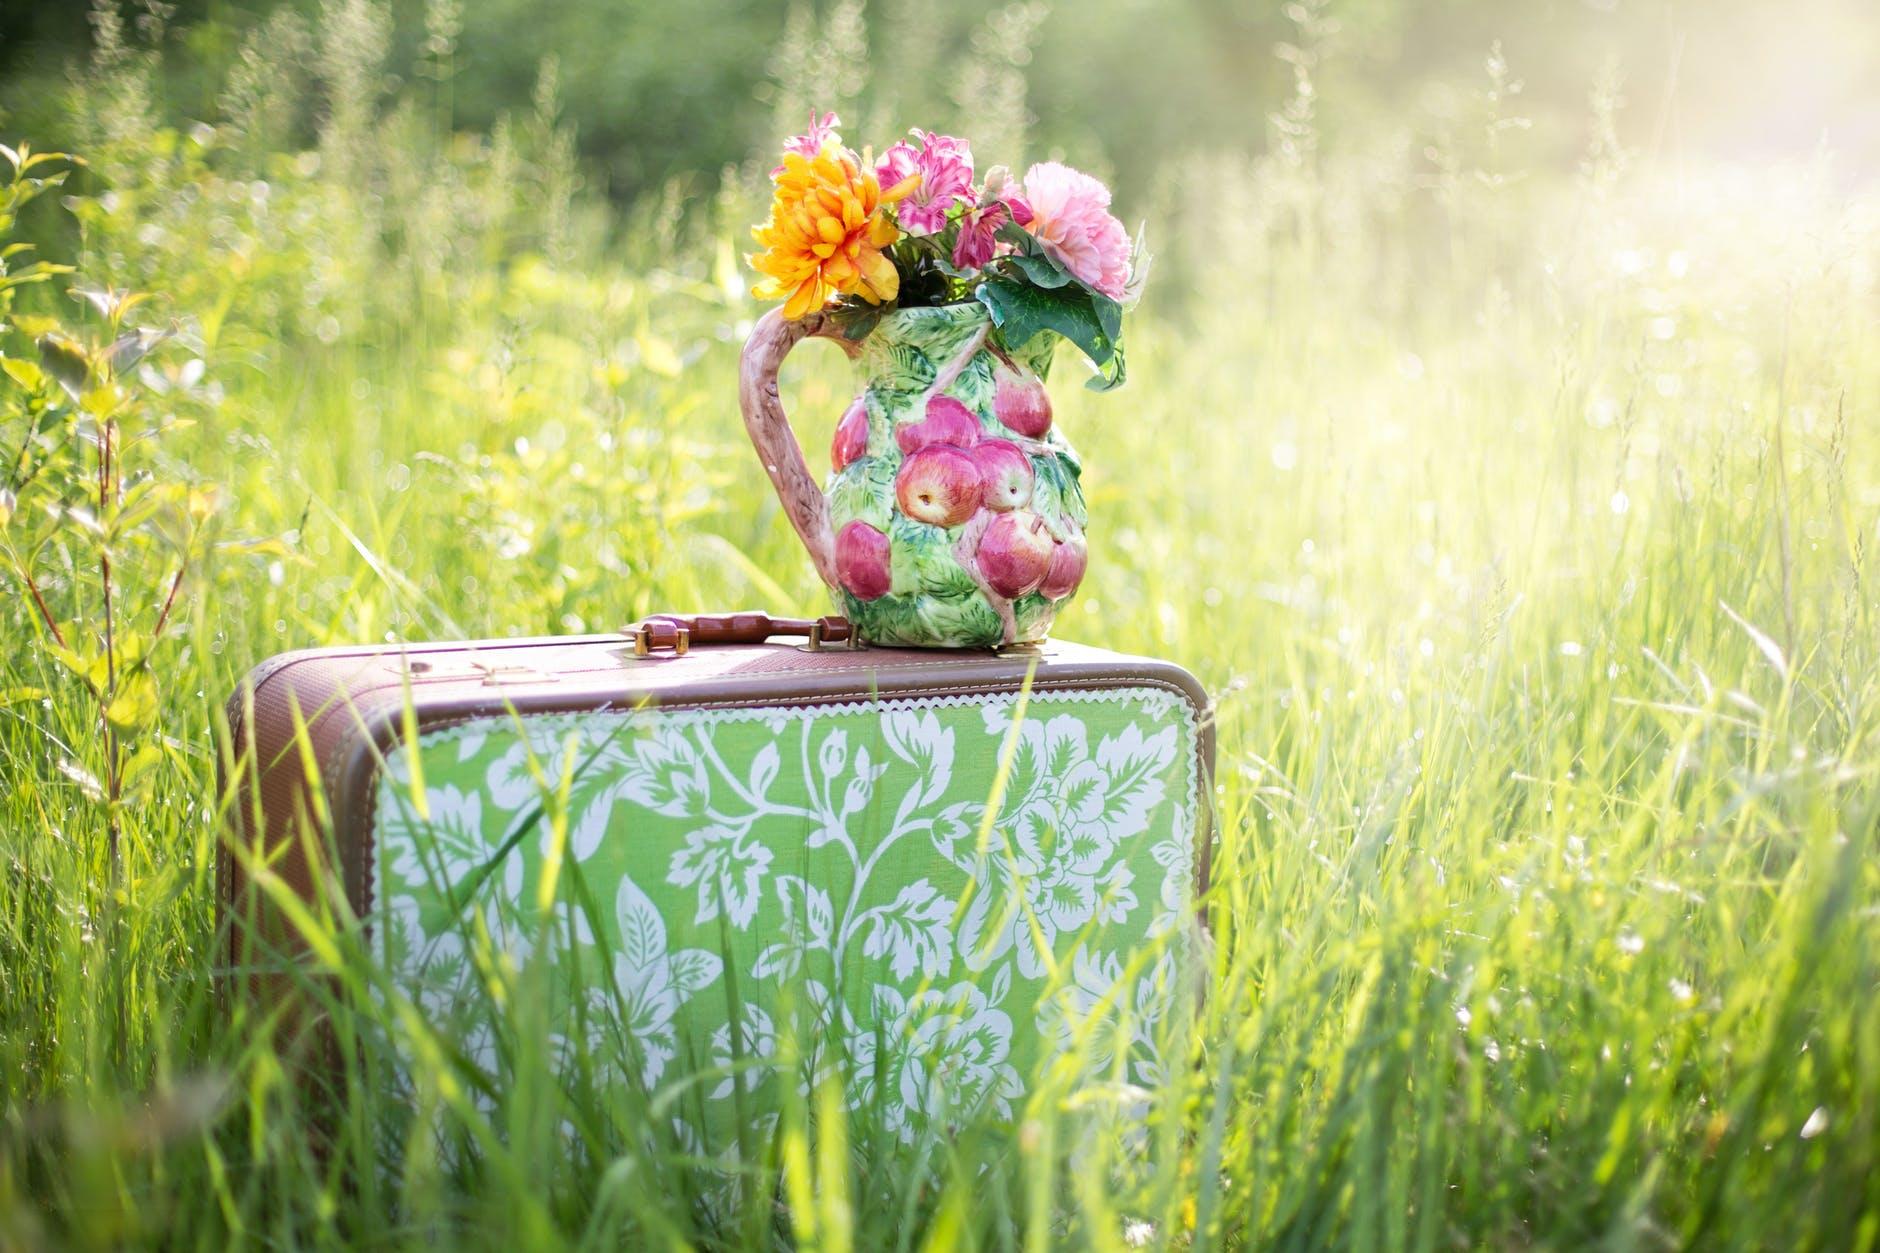 summer-still-life-suitcase-in-field-grass-summer